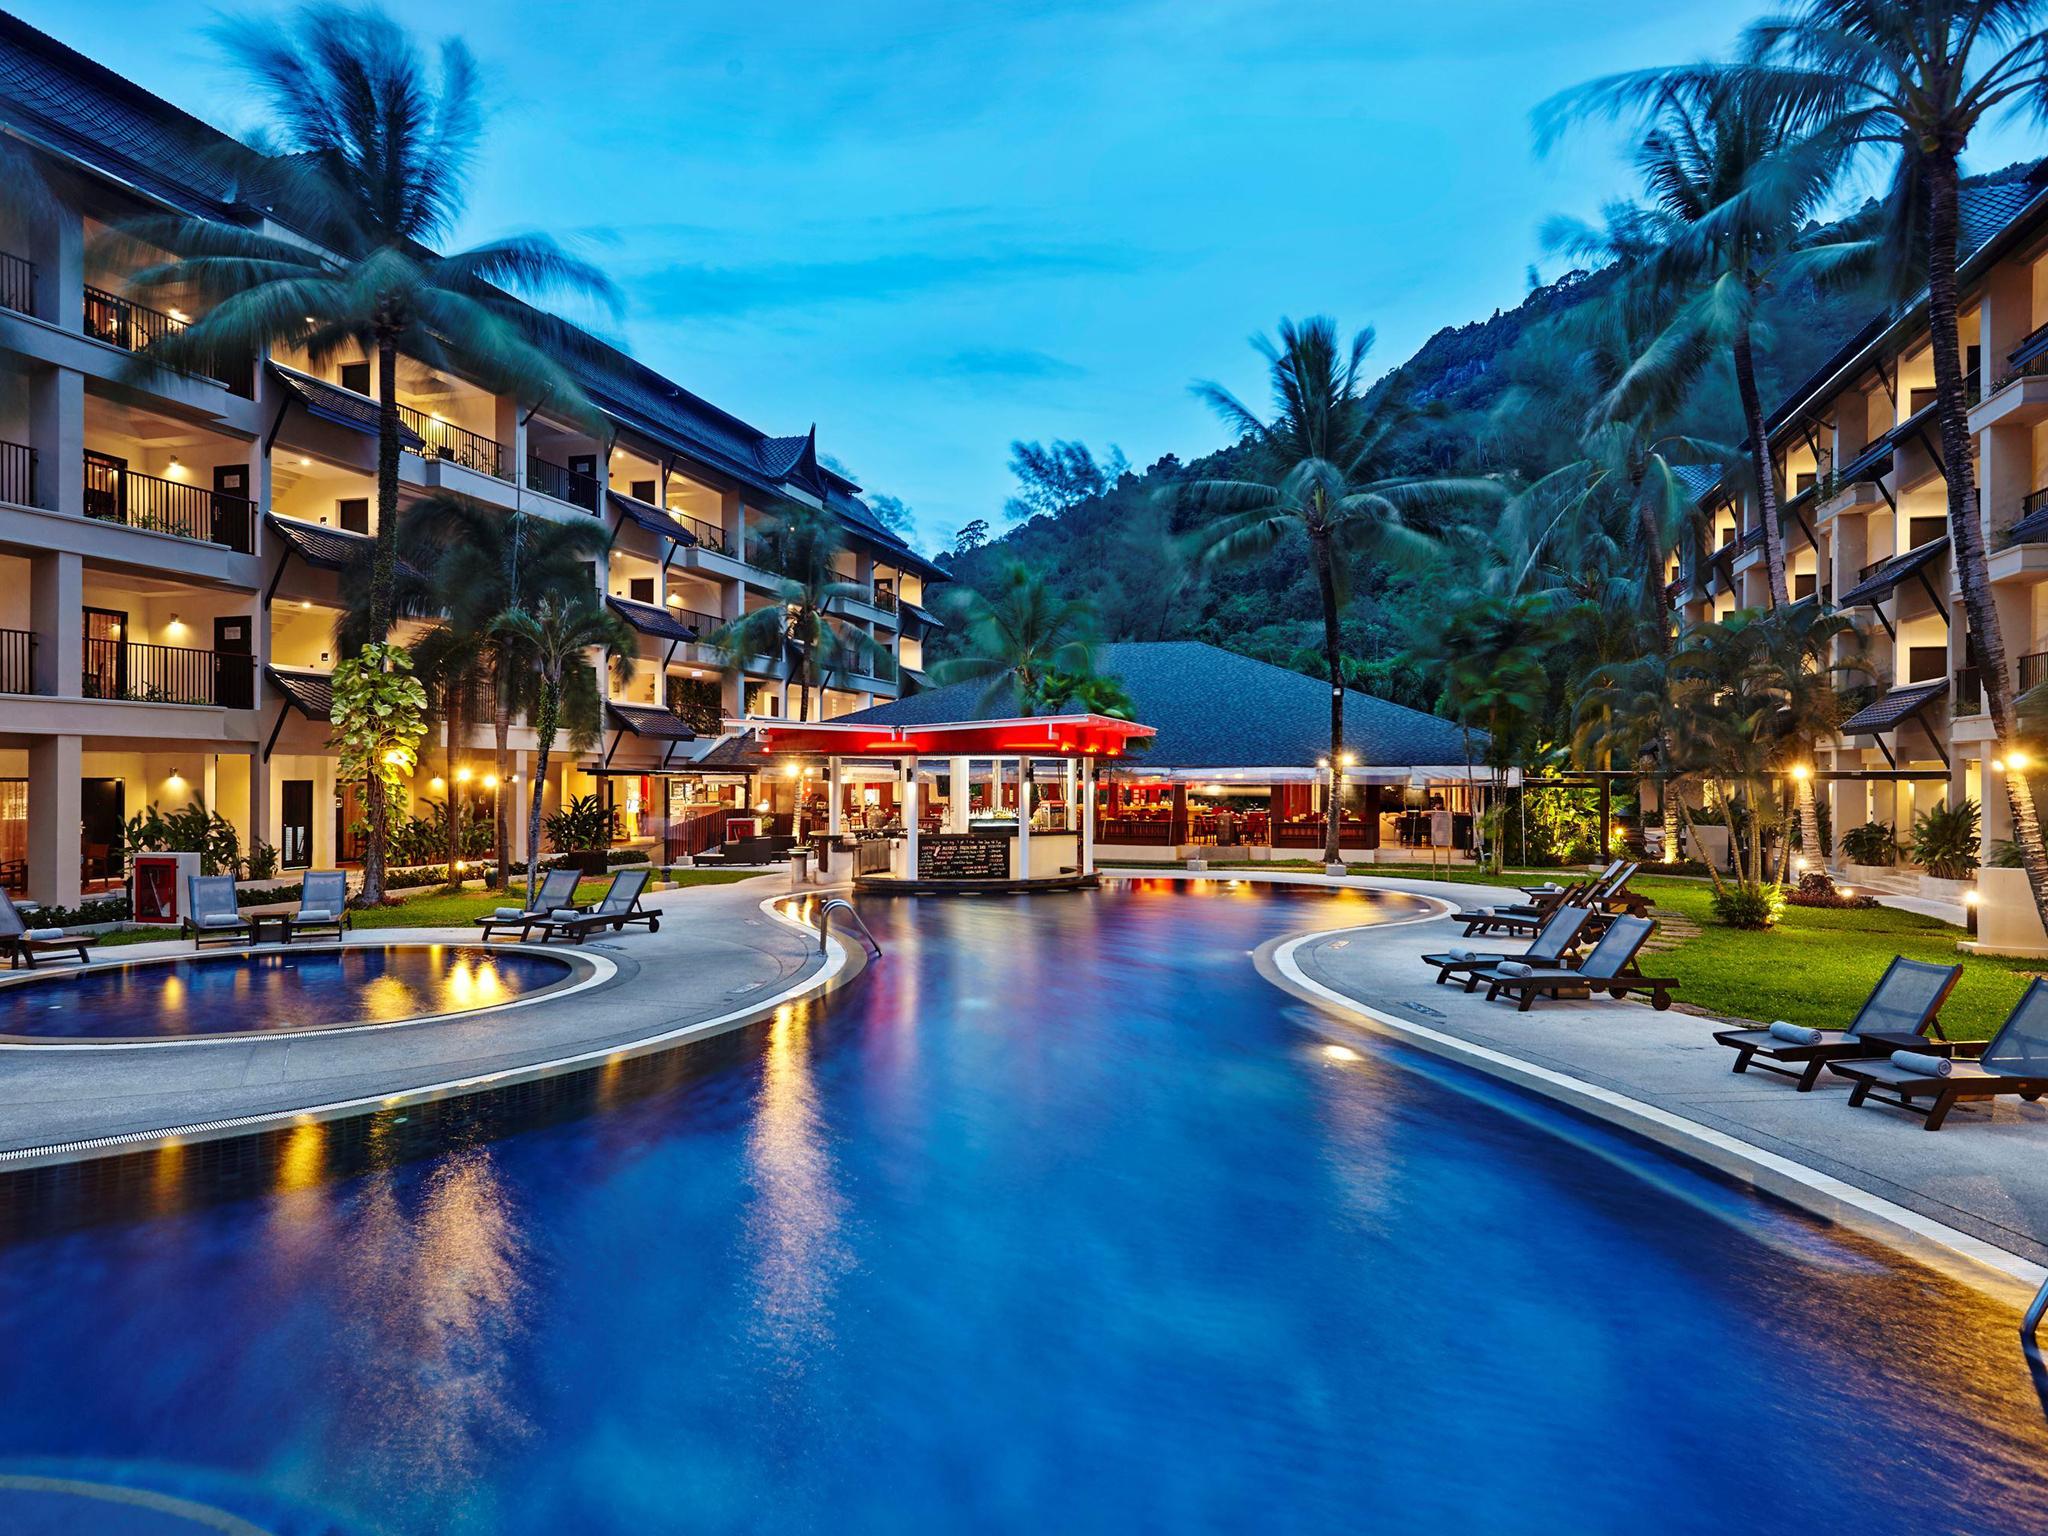 Hotell – Swissôtel Resort Phuket Kamala Beach